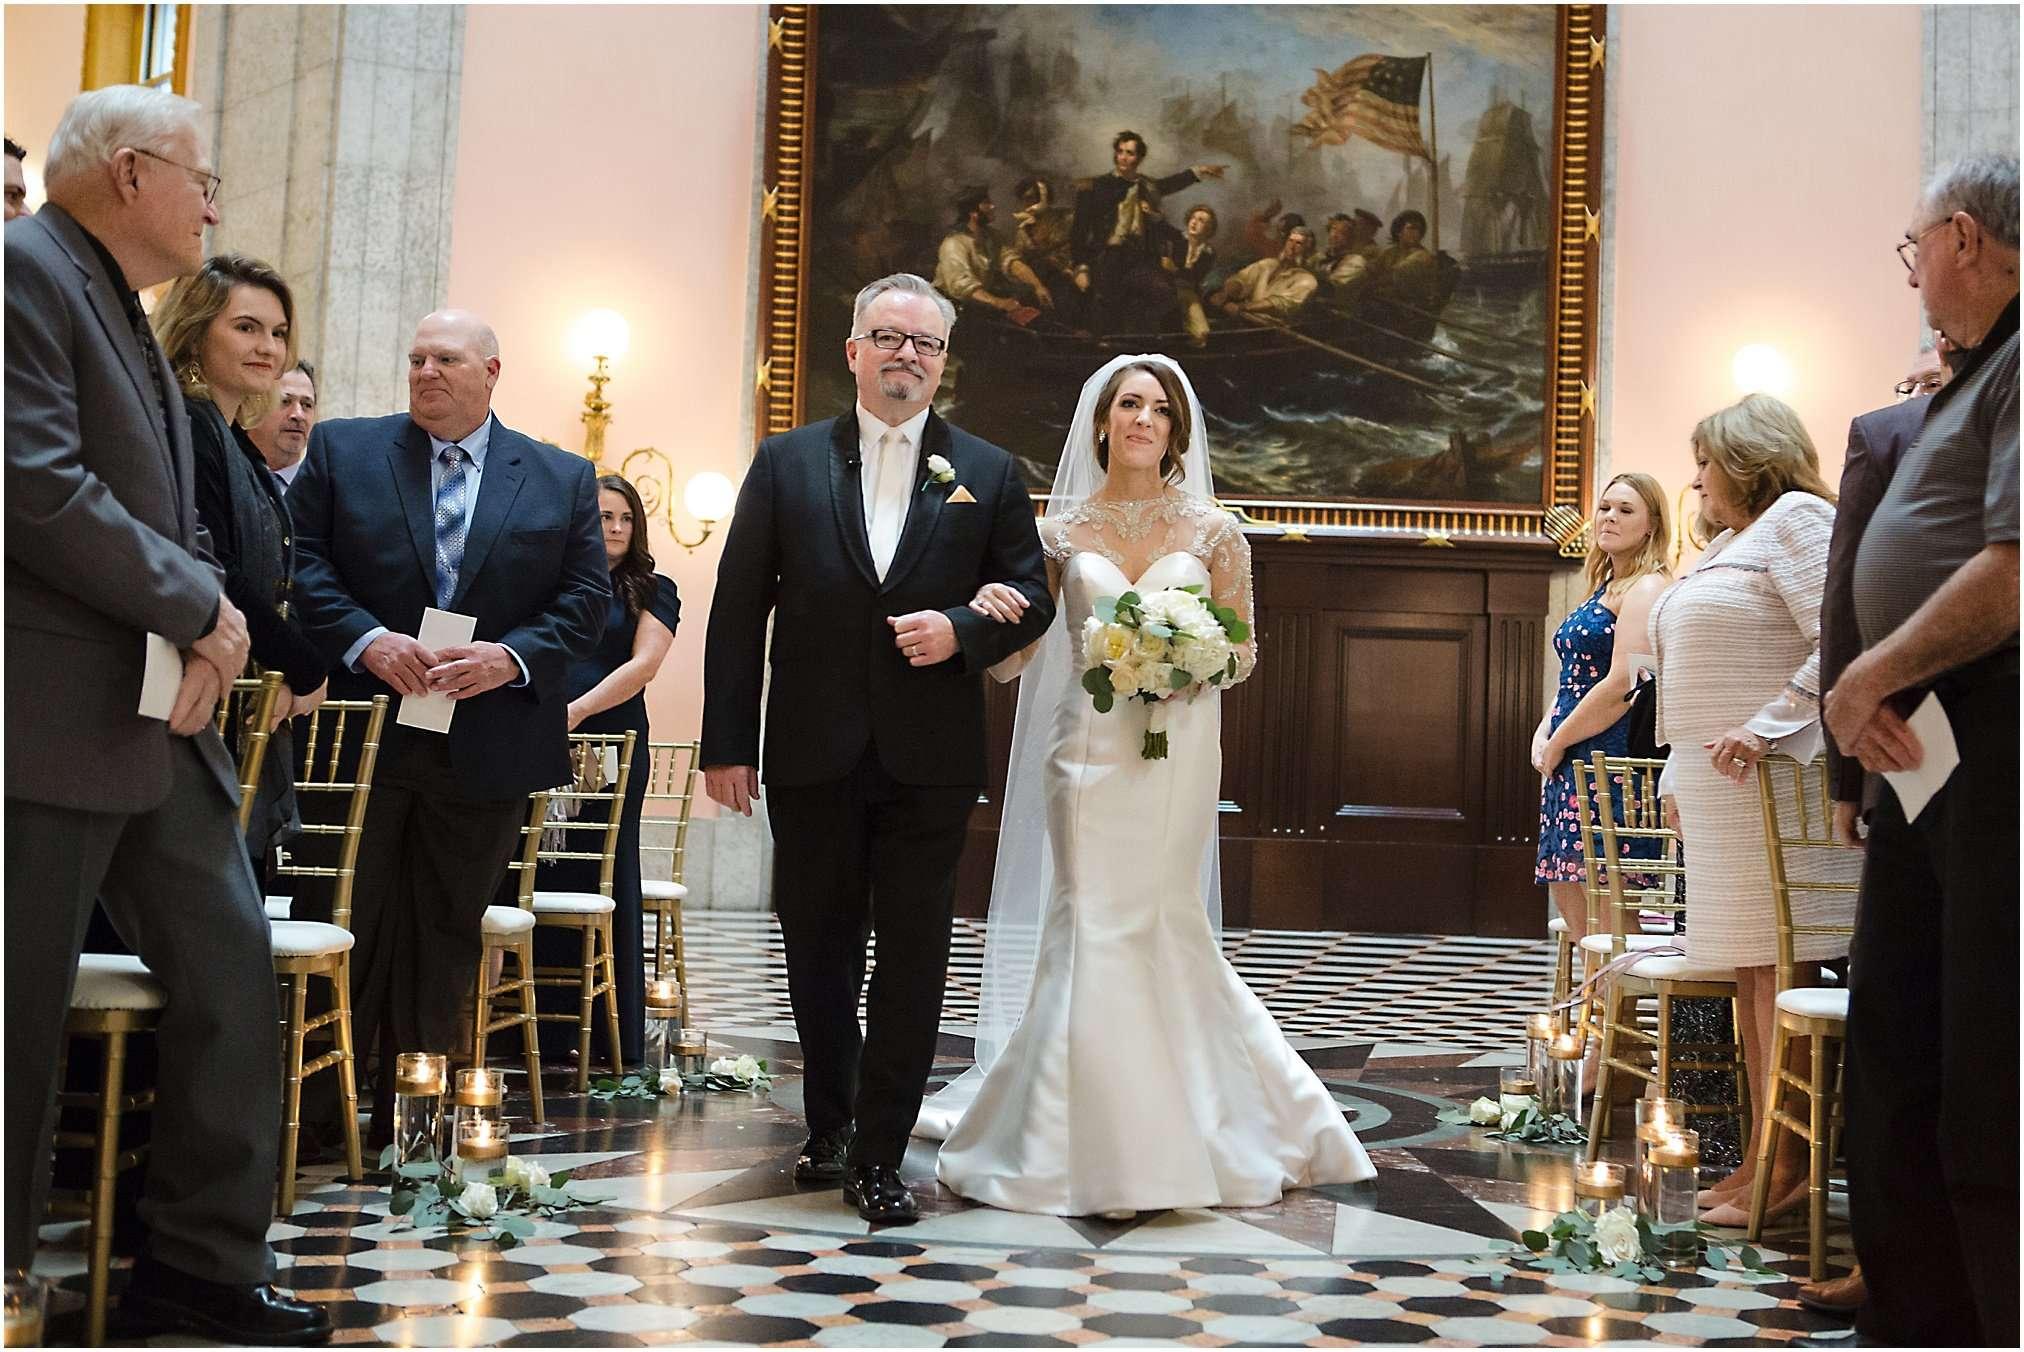 Spring Wedding at the Ohio Statehouse | Columbus Ohio Photography 128